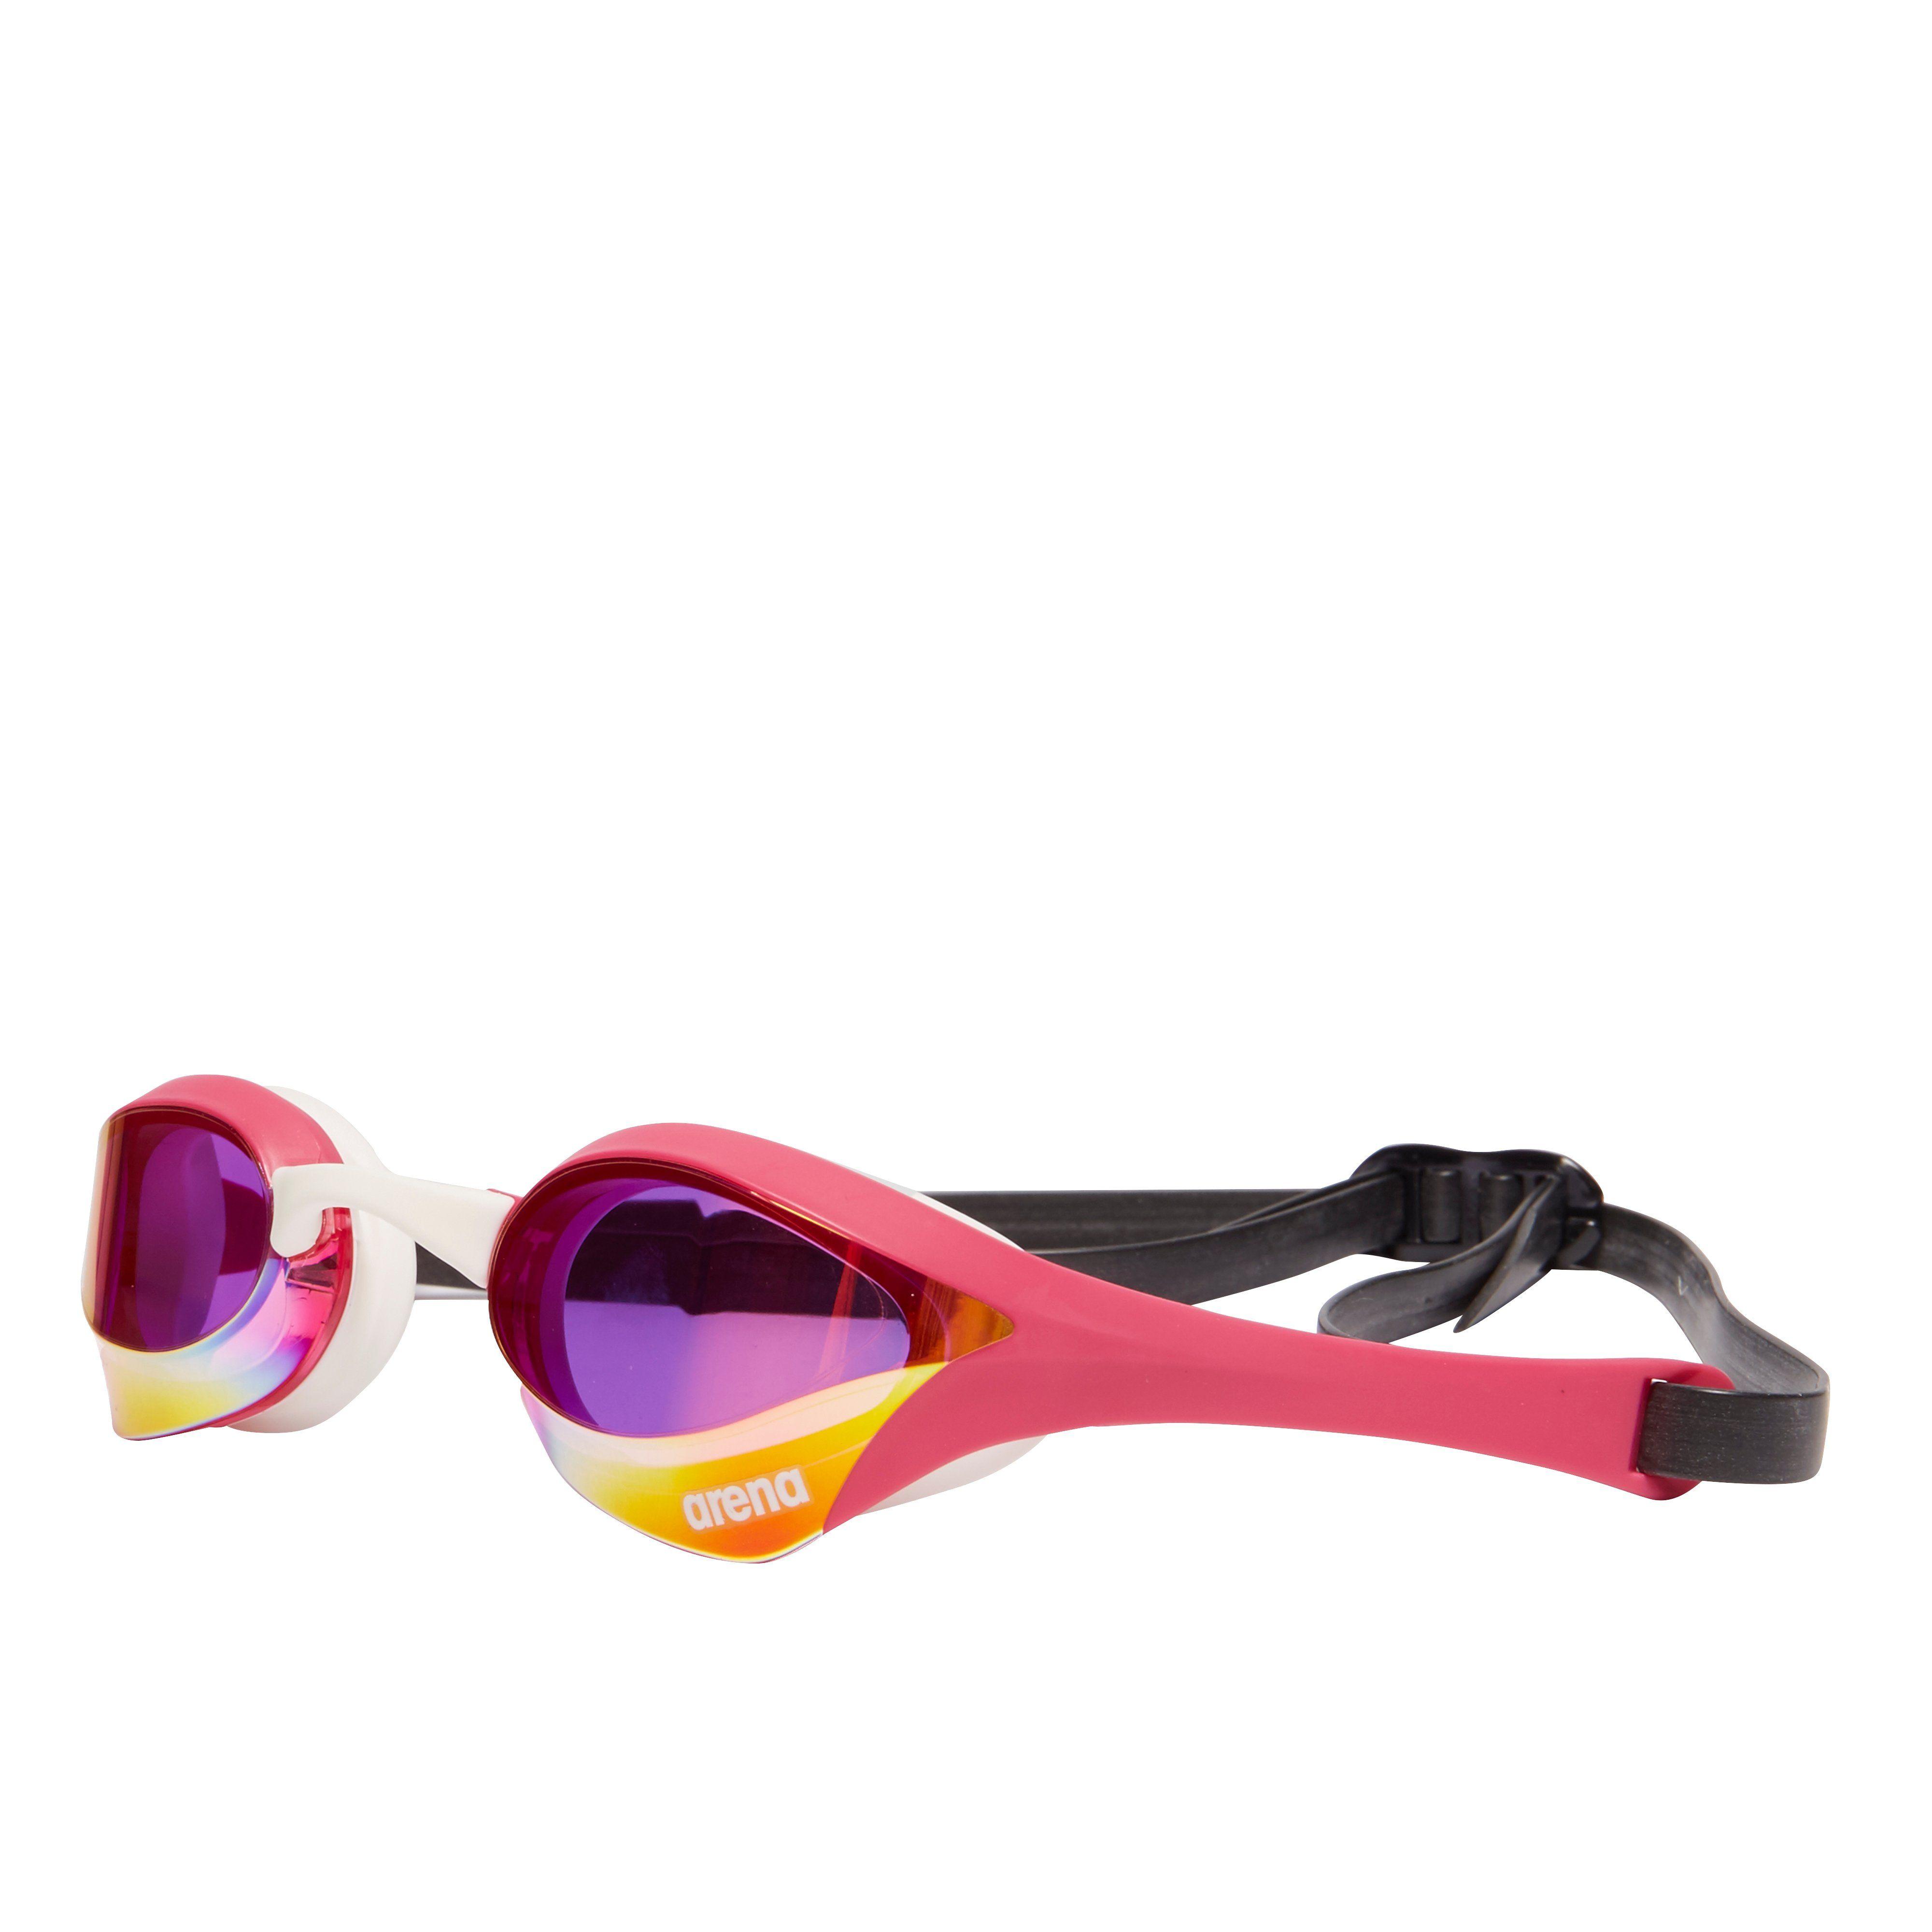 Arena Cobra Ultra Mirrored Women's Goggles